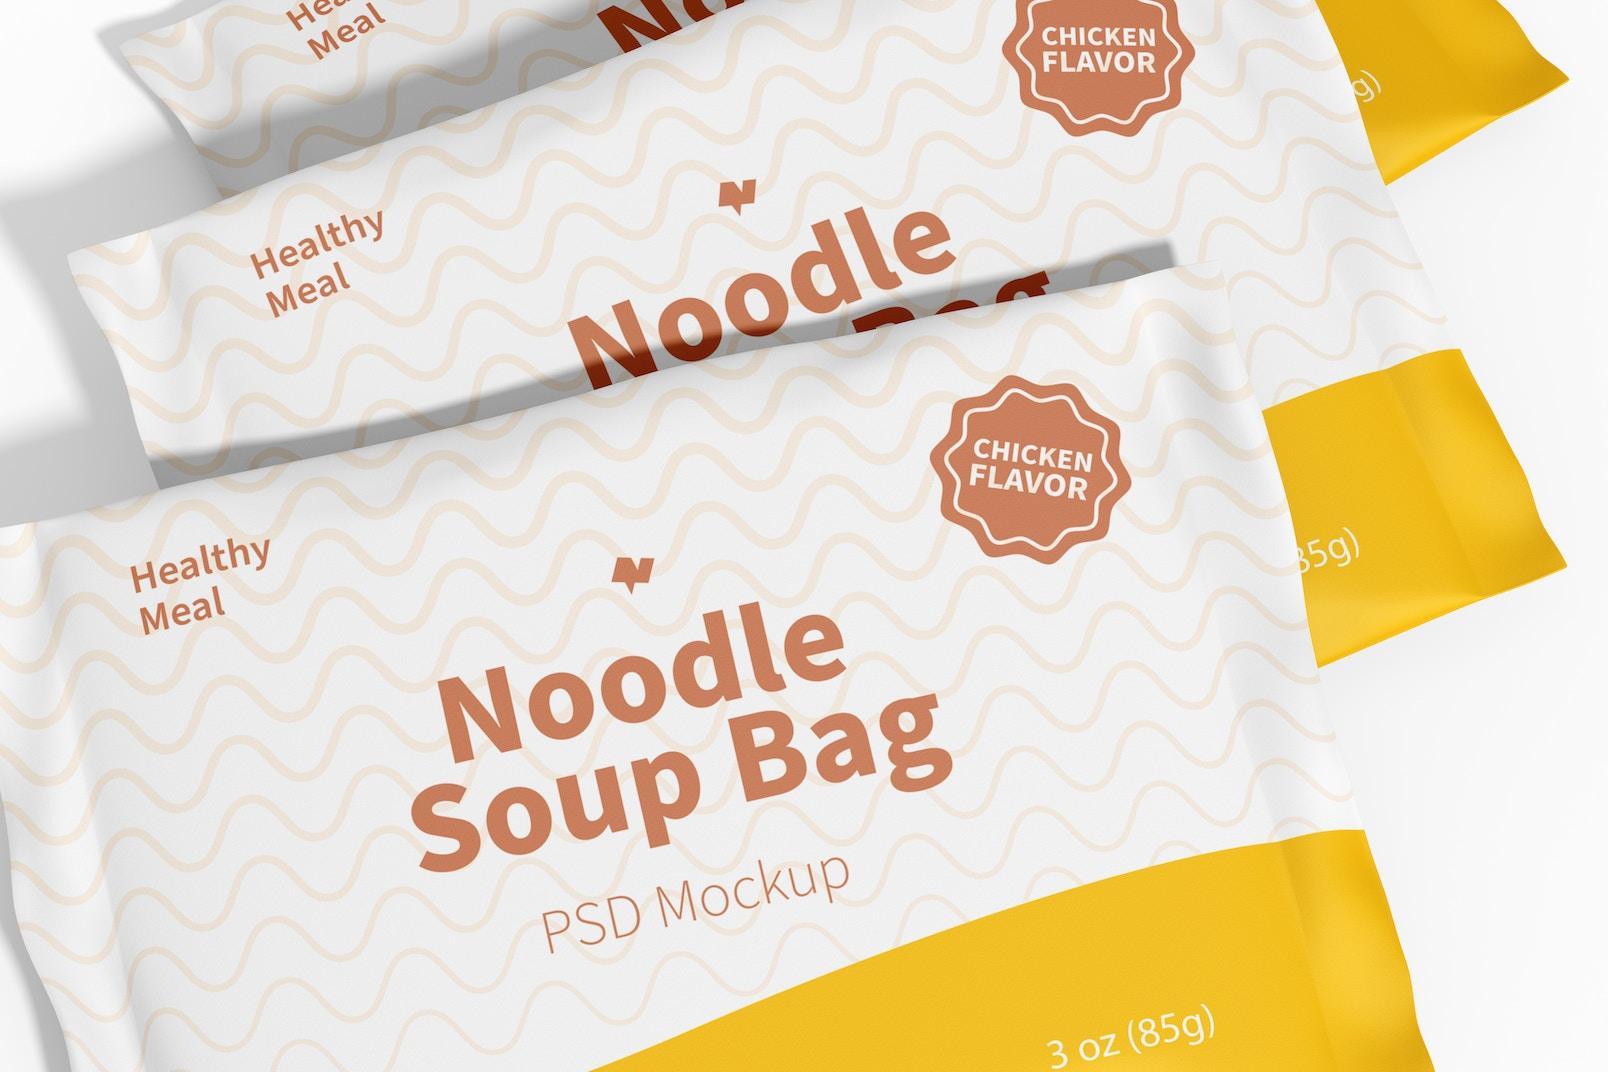 Noodle Soup Bags Mockup, Close Up